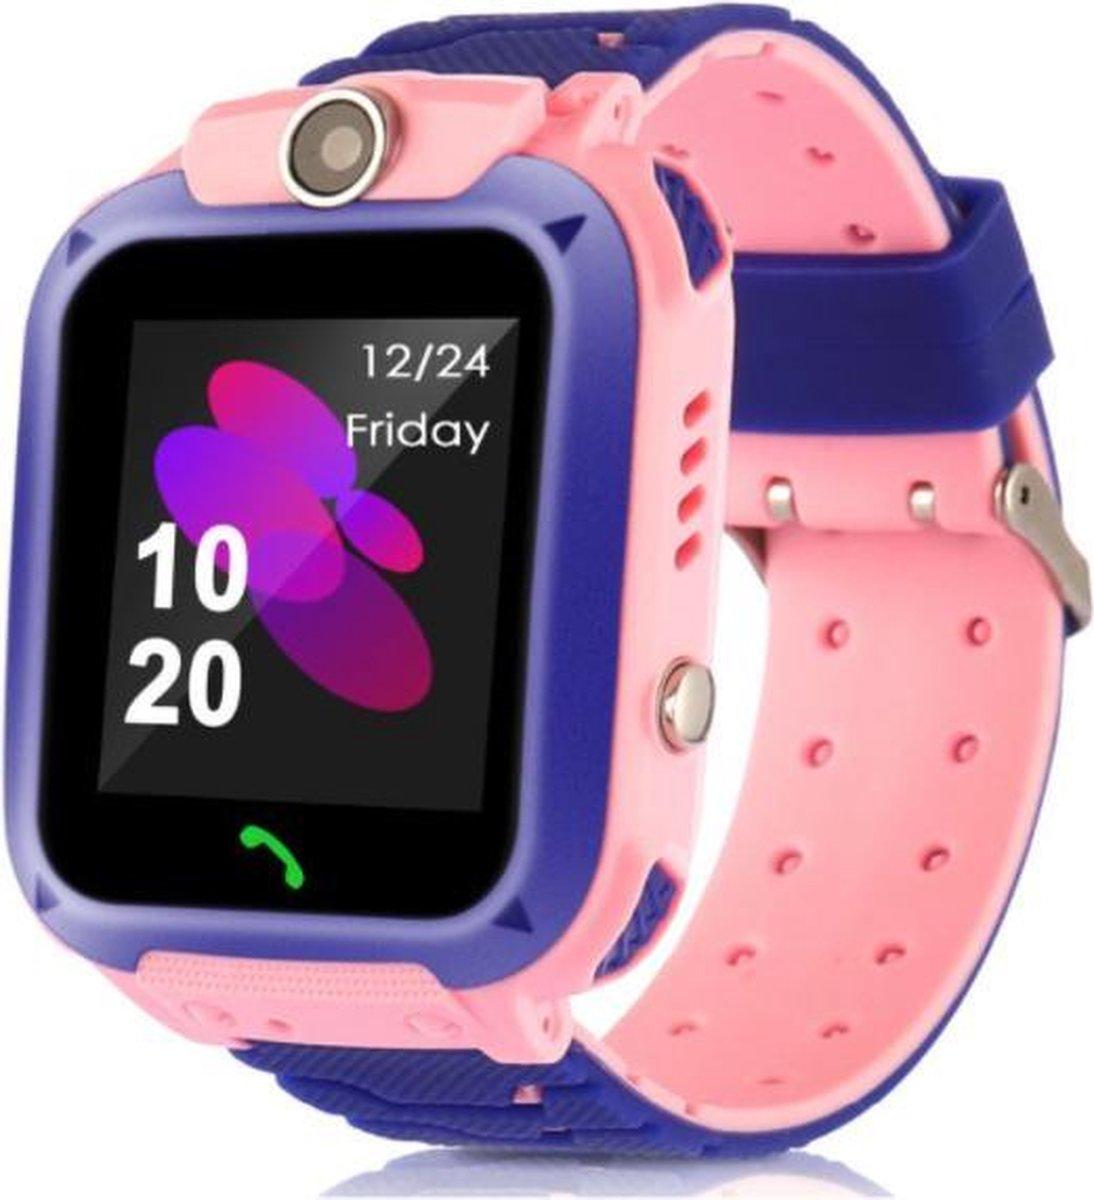 Kinderen Smart Horloge Sos Telefoon Horloge Smartwatch Voor Kinderen Met Sim Card Photo Waterdichte IP67 Kids Gift Voor Ios android Blauw